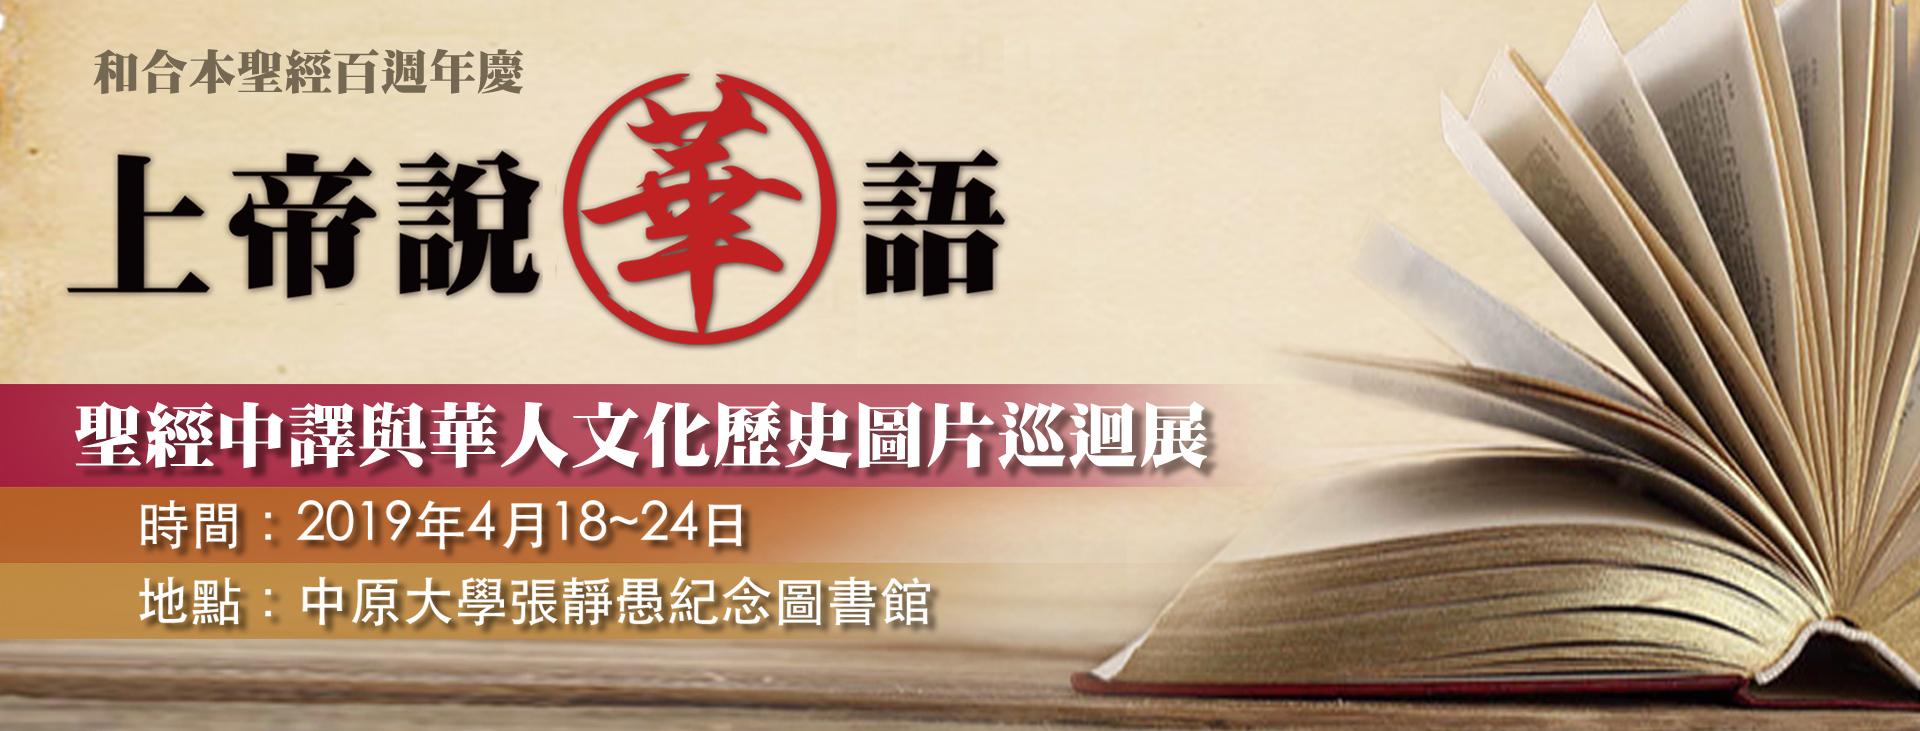 上帝說華語──聖經中譯與華人文化歷史百年圖展